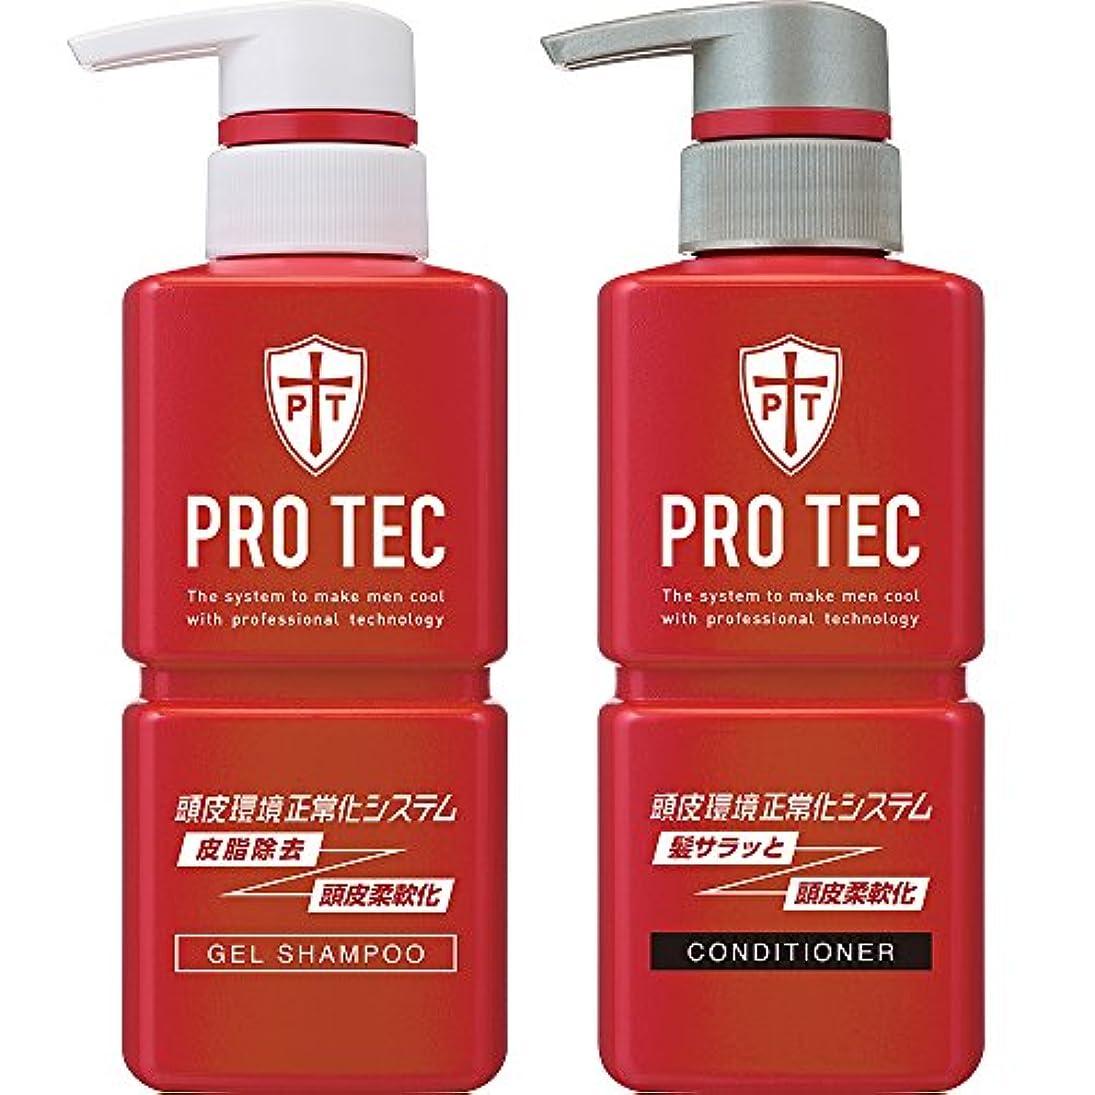 罰する酸っぱい判決PRO TEC(プロテク) 頭皮ストレッチ シャンプー ポンプ 300g(医薬部外品)+ コンディショナー ポンプ 300g